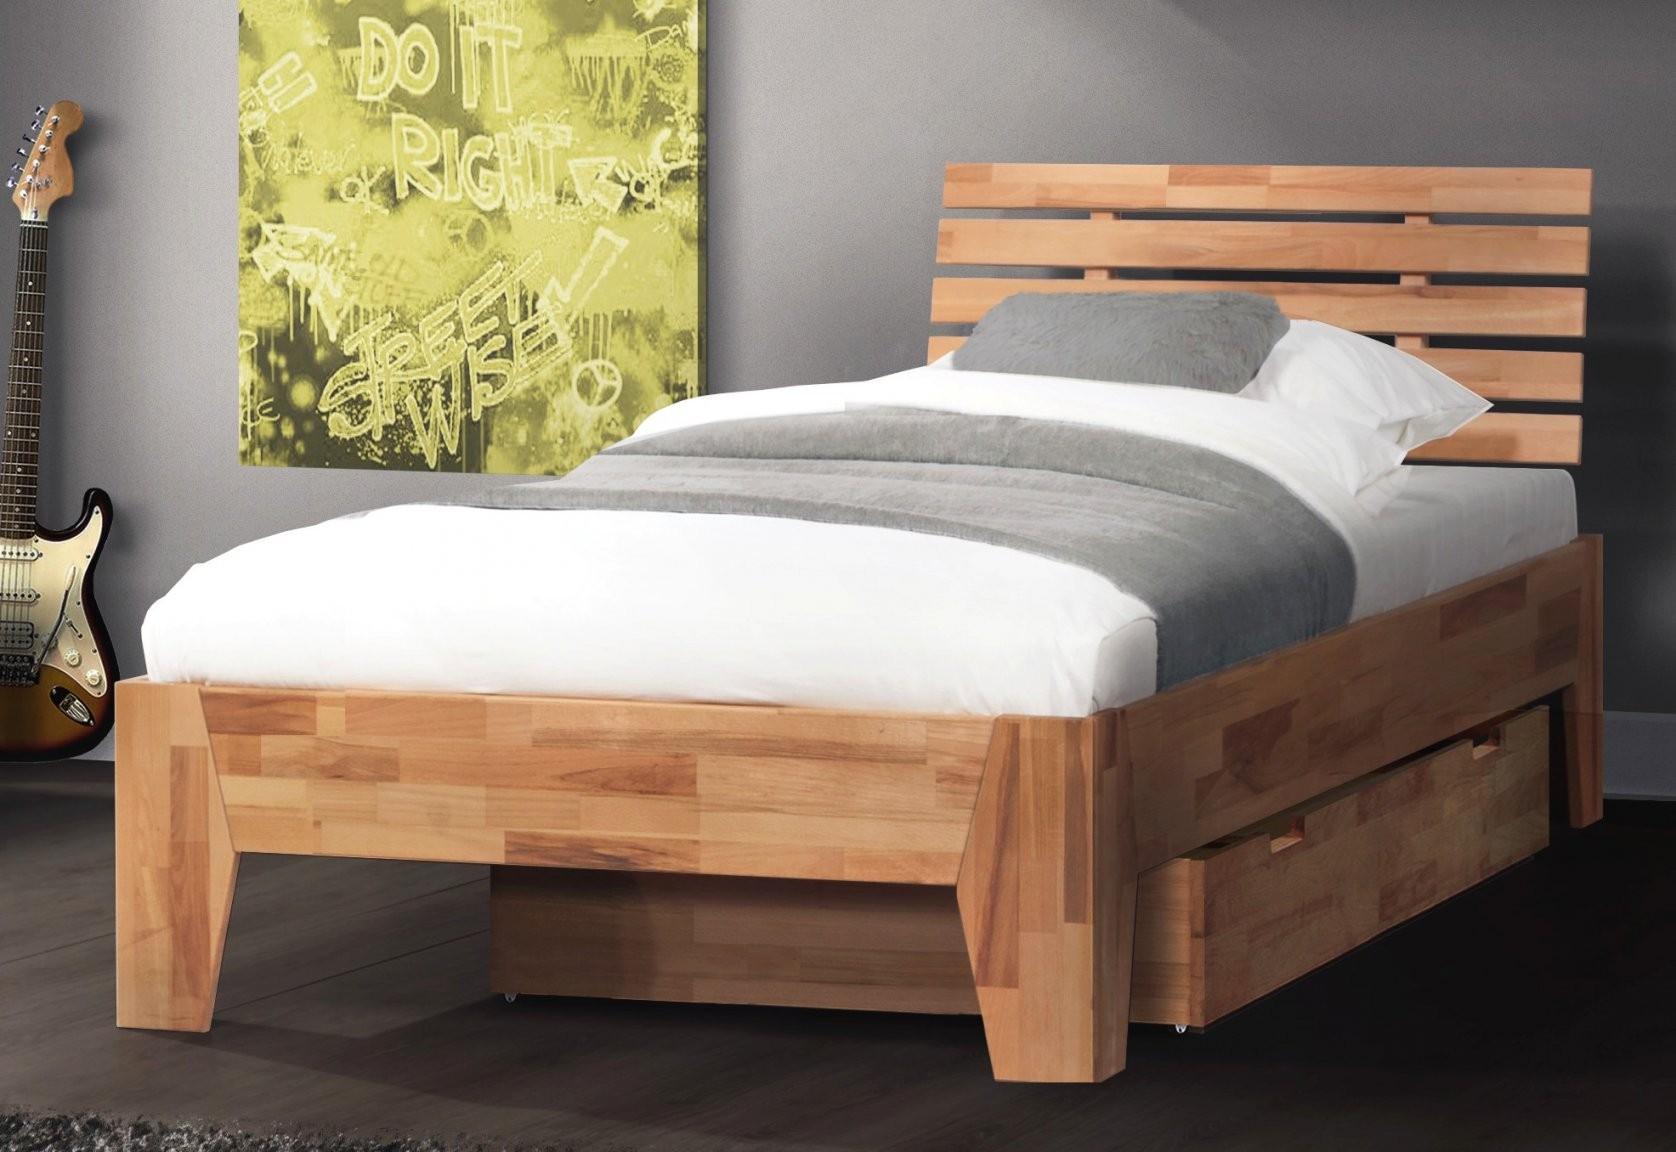 Betten Mit Matratze Und Lattenrost 140X200 Schockierend Auf Kreative von Günstige Betten Mit Matratze Und Lattenrost 140X200 Photo